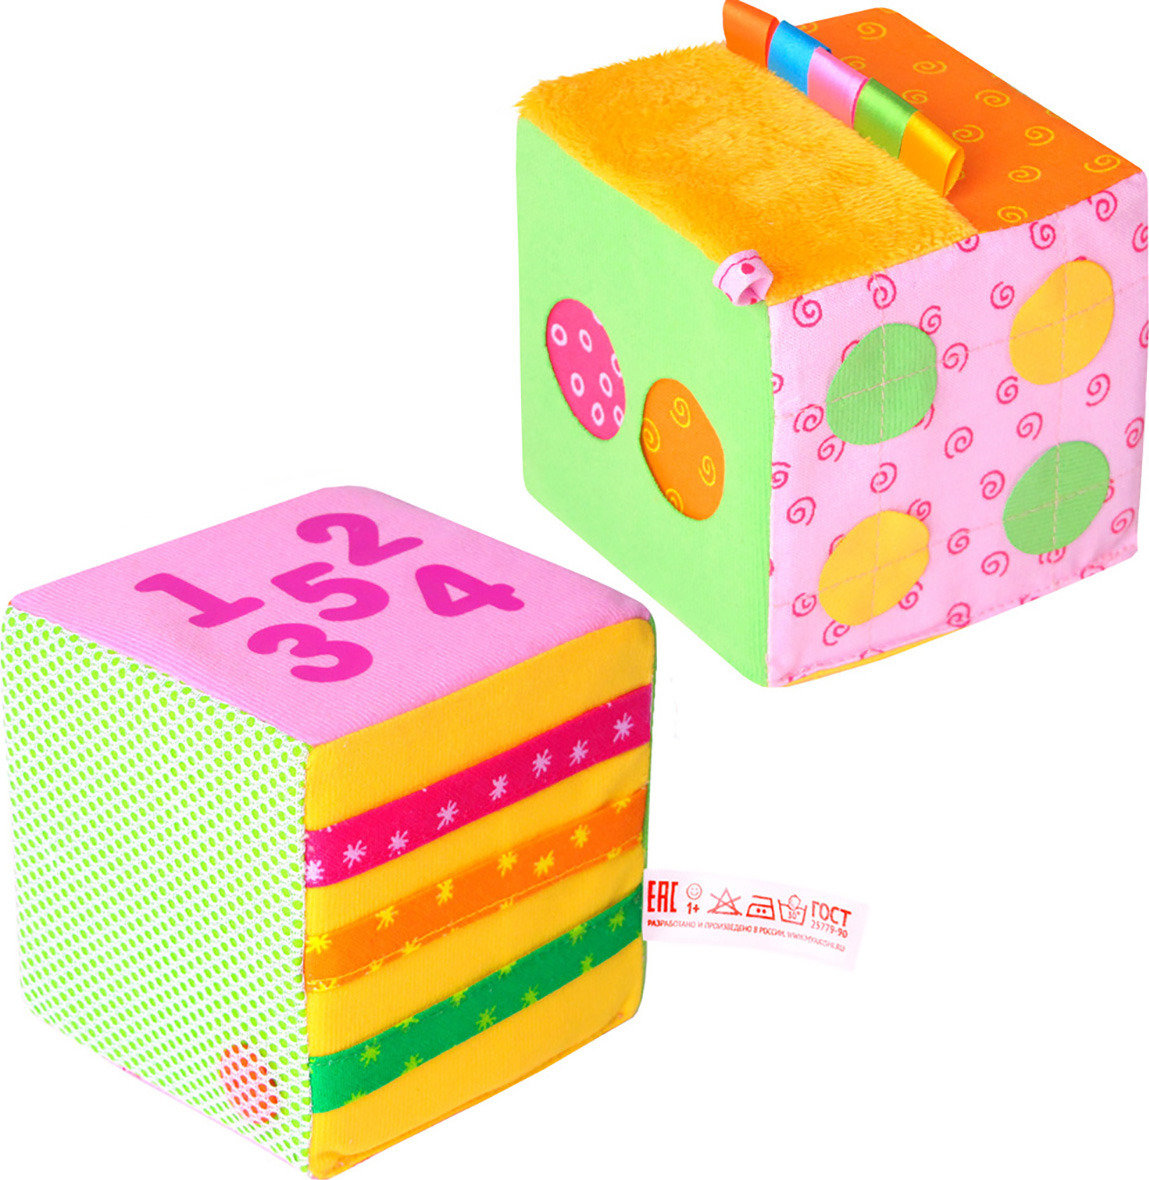 Мякиши Развивающая игрушка Математический кубик333Игрушка «Математический кубик» - это развивающий тренажёр для Вашего малыша. Это целый комплекс игр для развития мелкой моторики. Кубик с приятным звуком погремушки станет не только яркой и интересной игрушкой для вашего малыша, но и отличным помощником для обучения счету. Кубик поможет малышу развивать логическое мышление, внимание, цветовосприятие, будут тренировать память, совершенствовать мелкую моторику, обогащать словарный запас. Изготовлено из гипоаллергенных материалов.